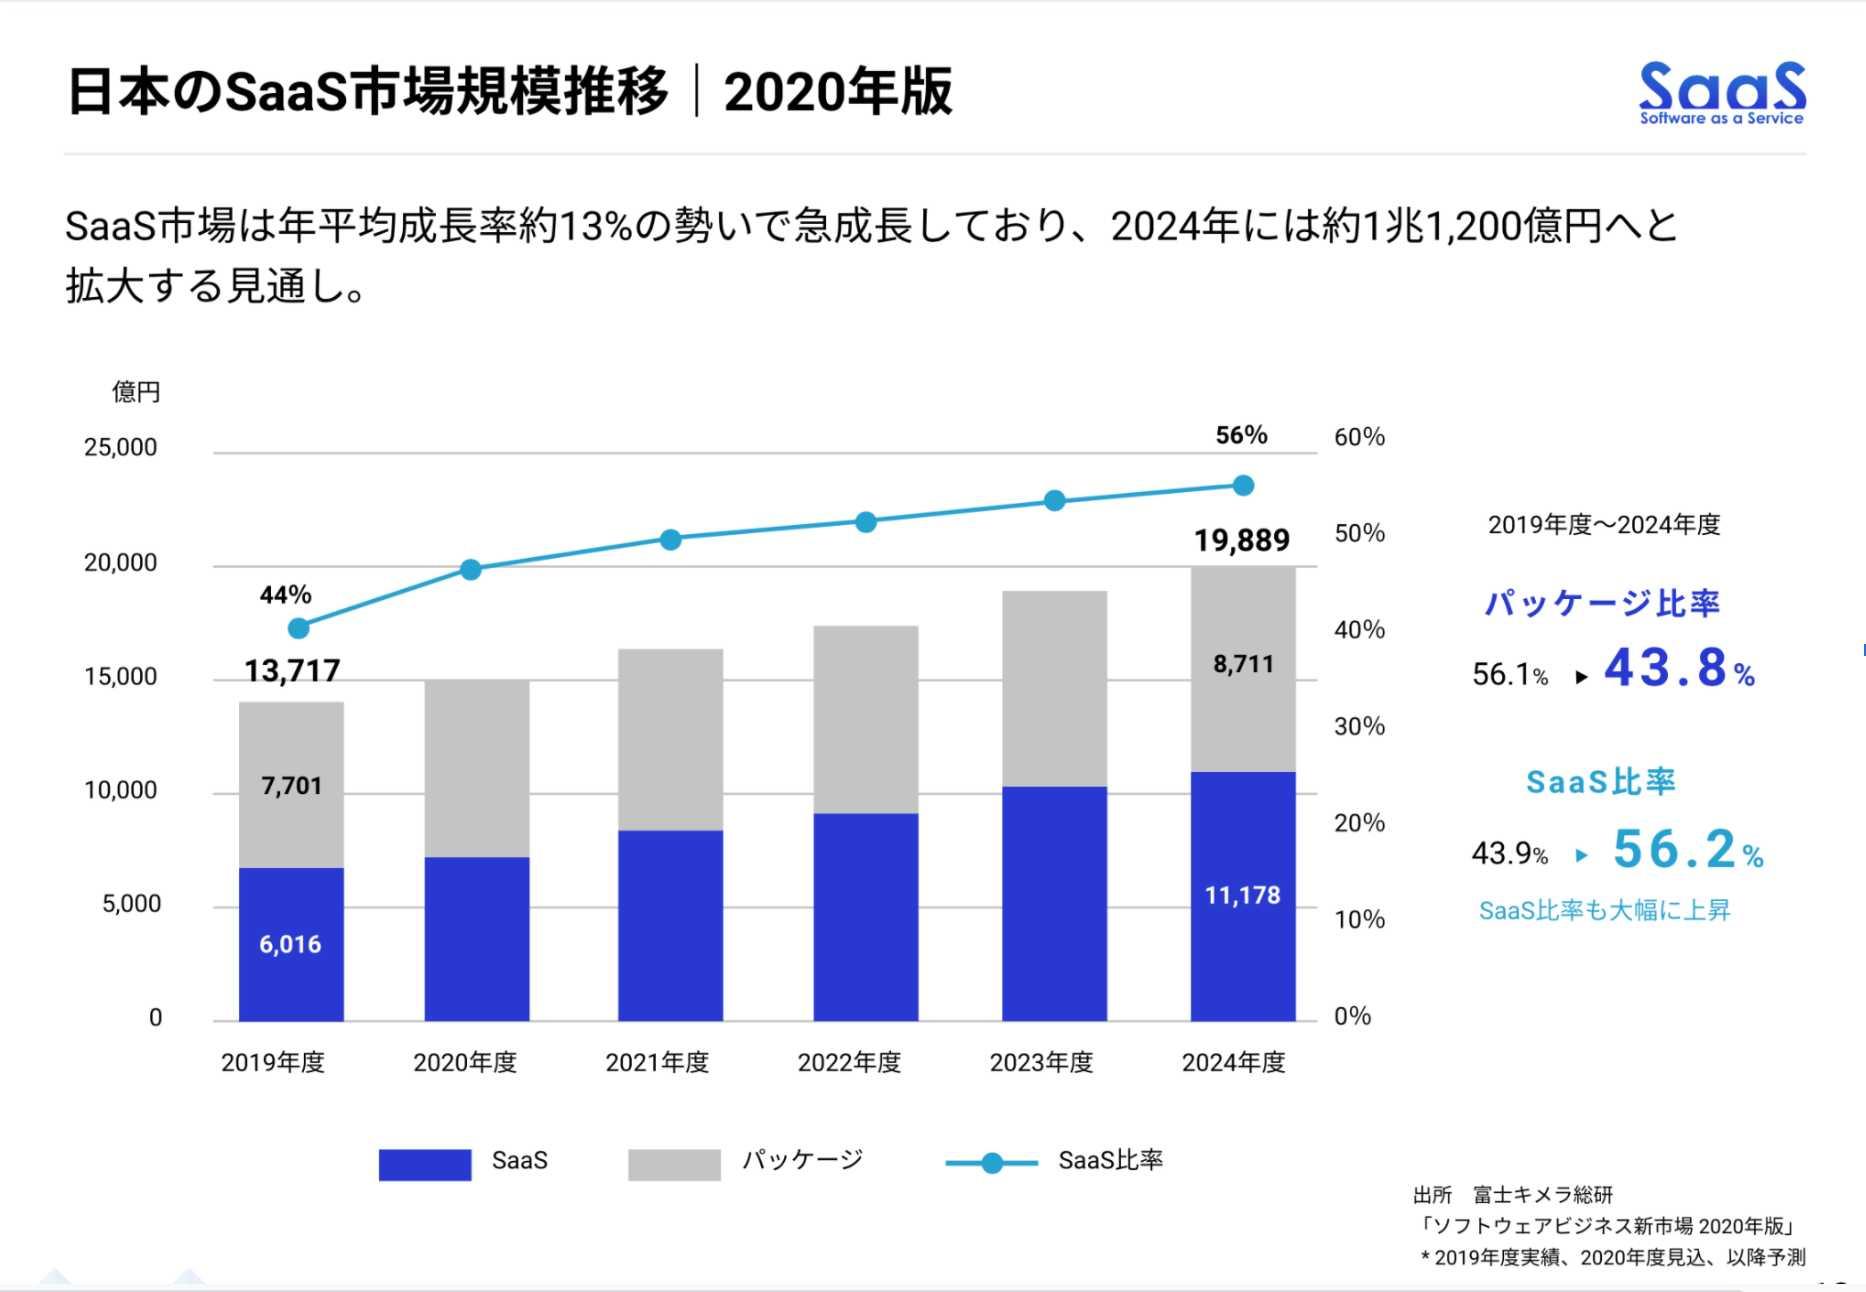 日本のsaas市場推移